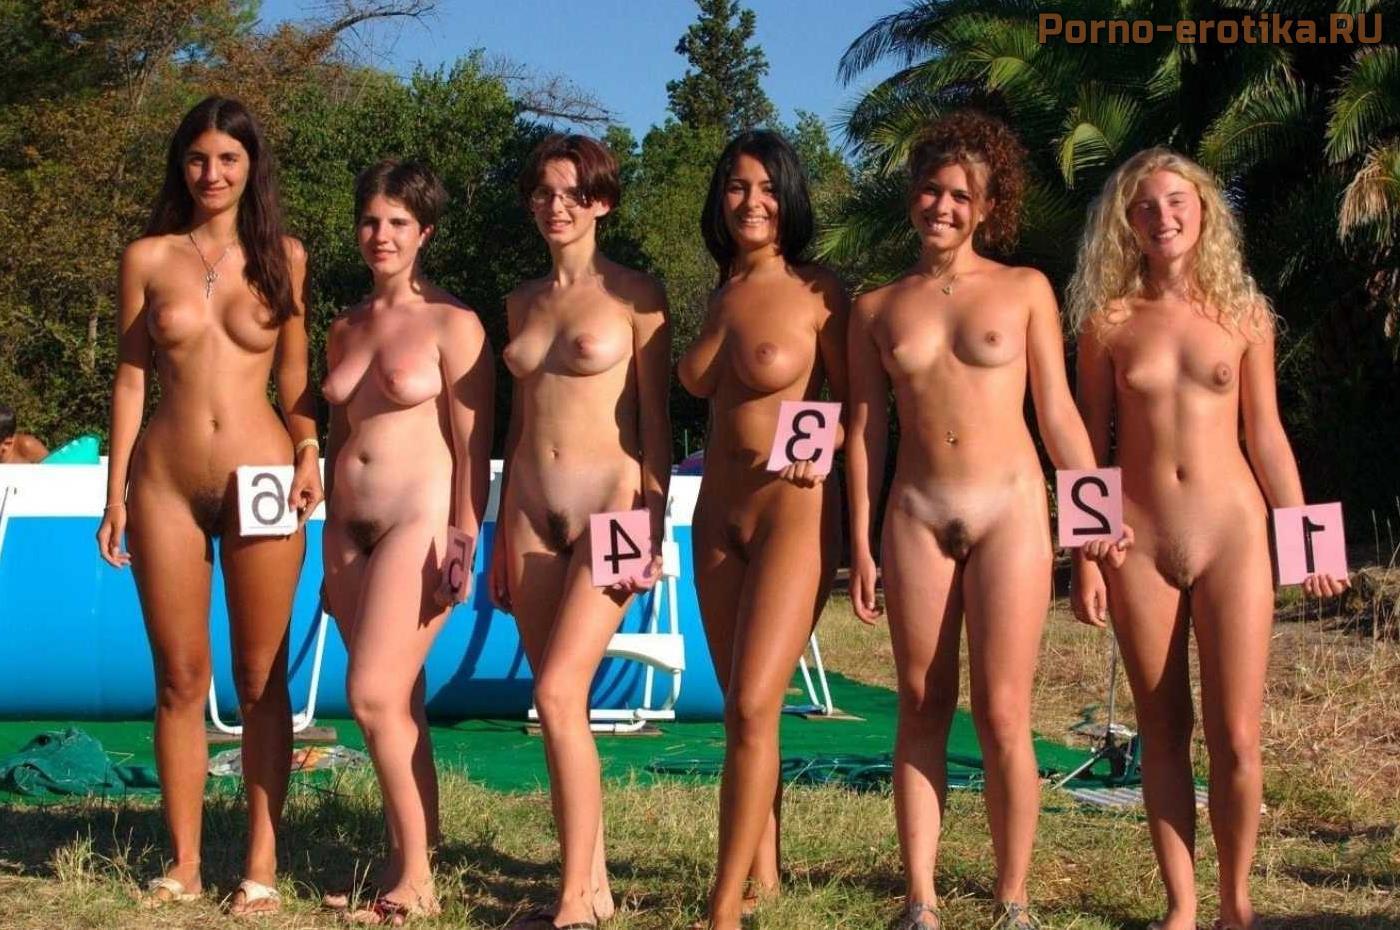 www.порно фото голые девчонки азиатки с волосатой пи3дой.